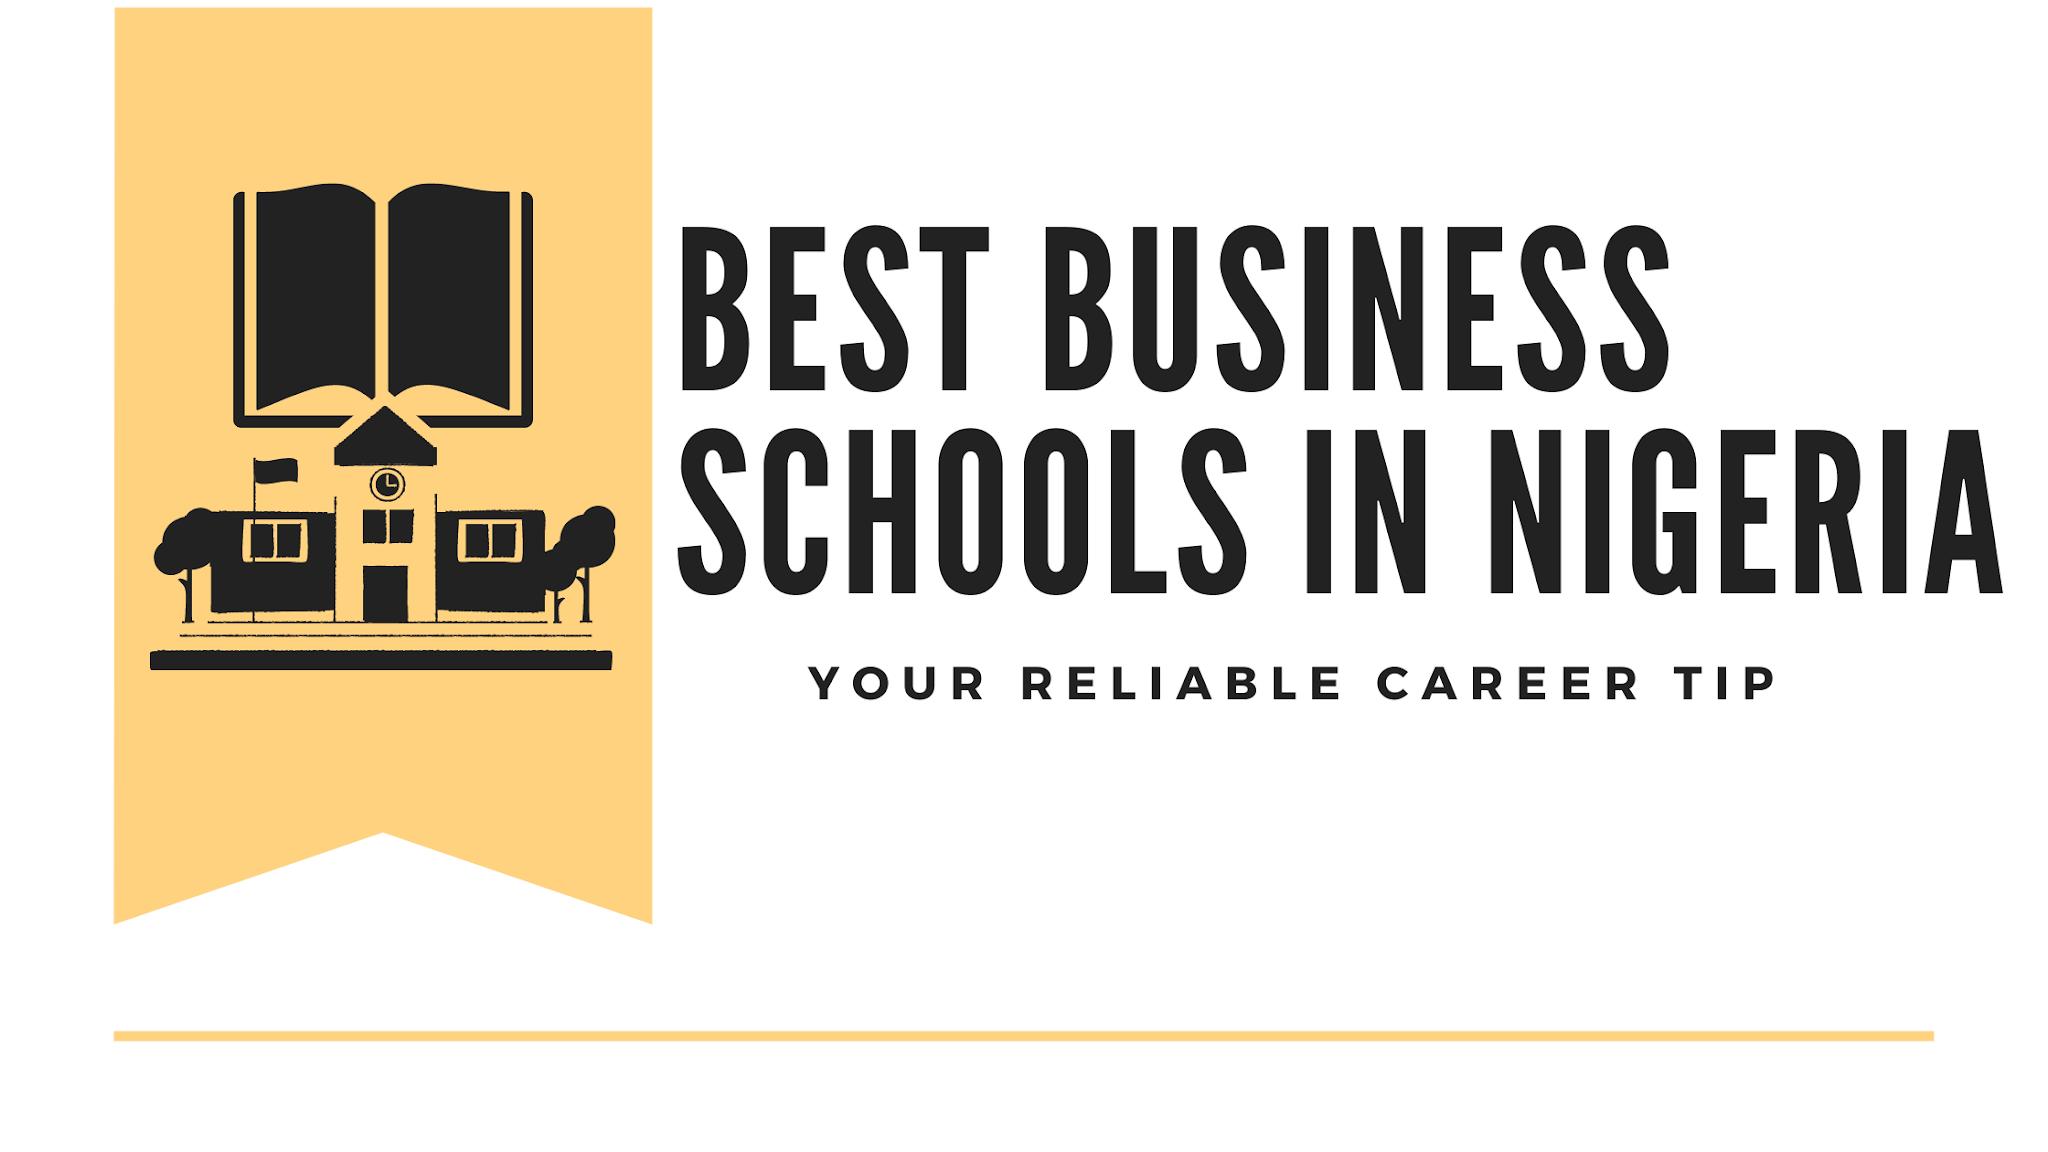 Best business schools in Nigeria